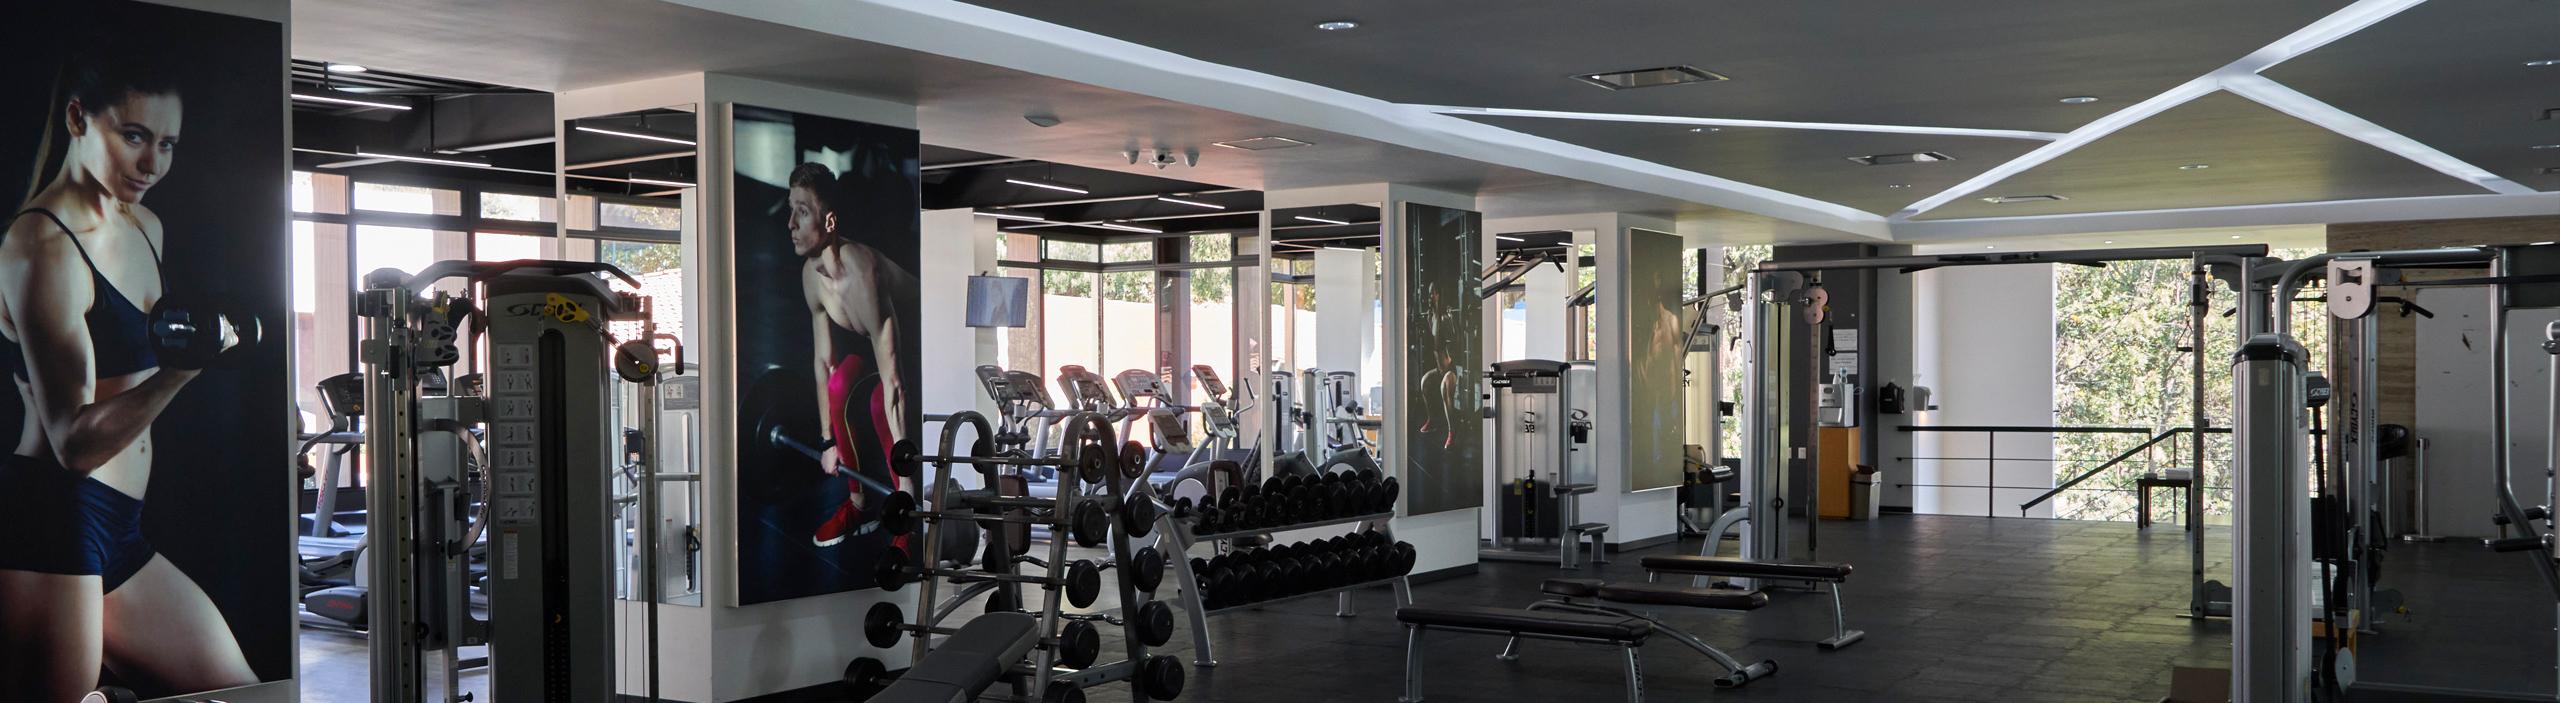 Instalaciones gimnasio